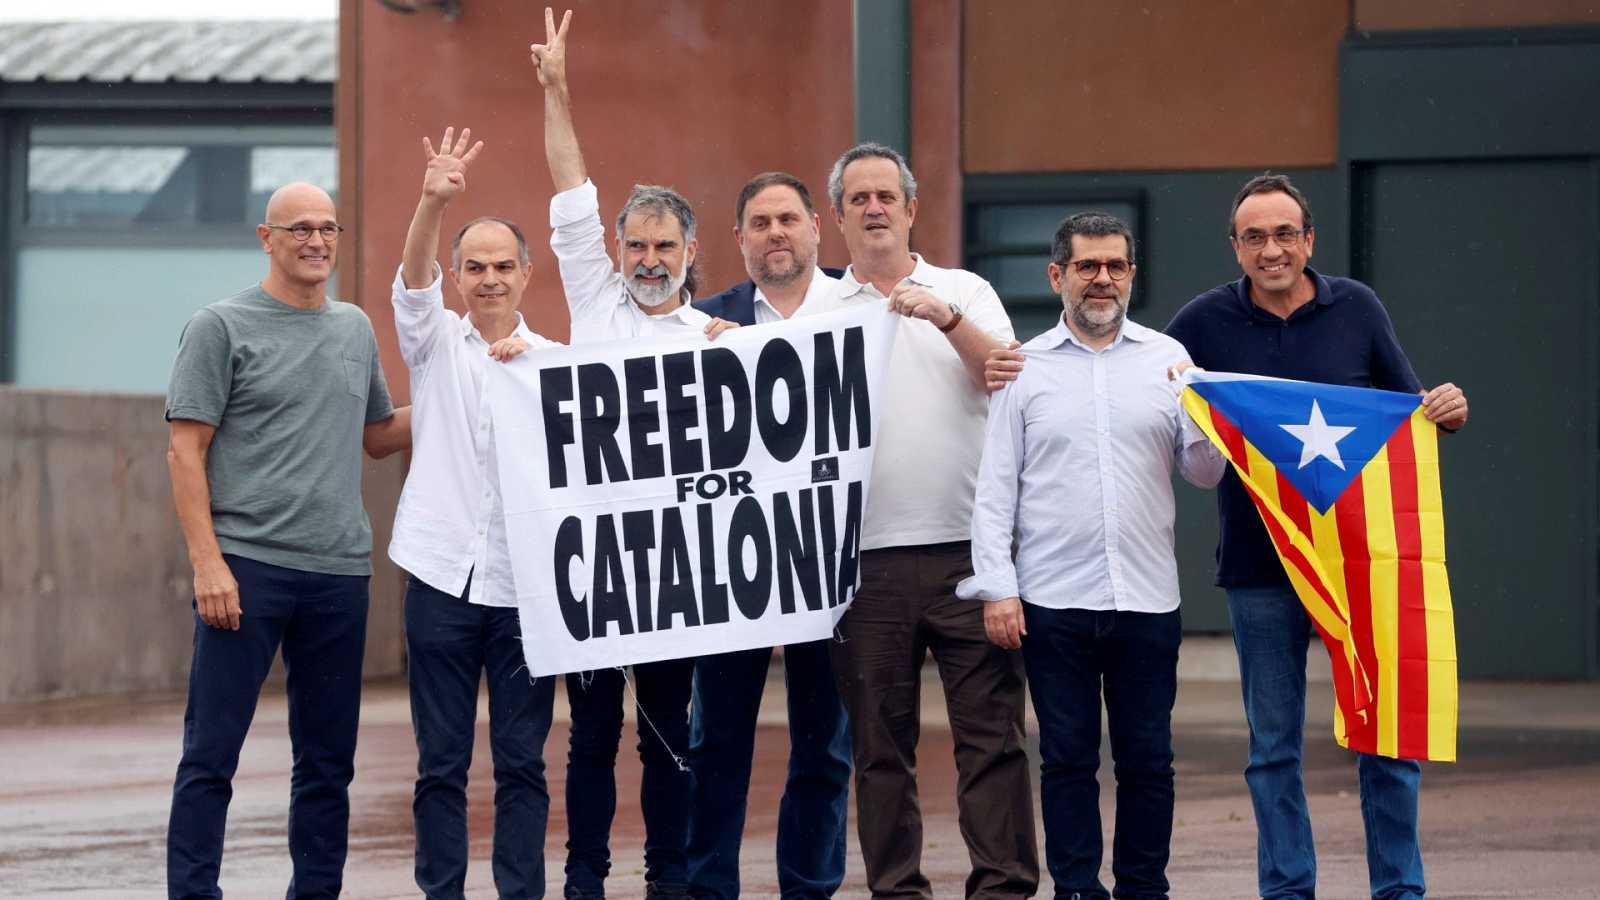 Los líderes independentistas catalanes salen de la prisión de Lledoners